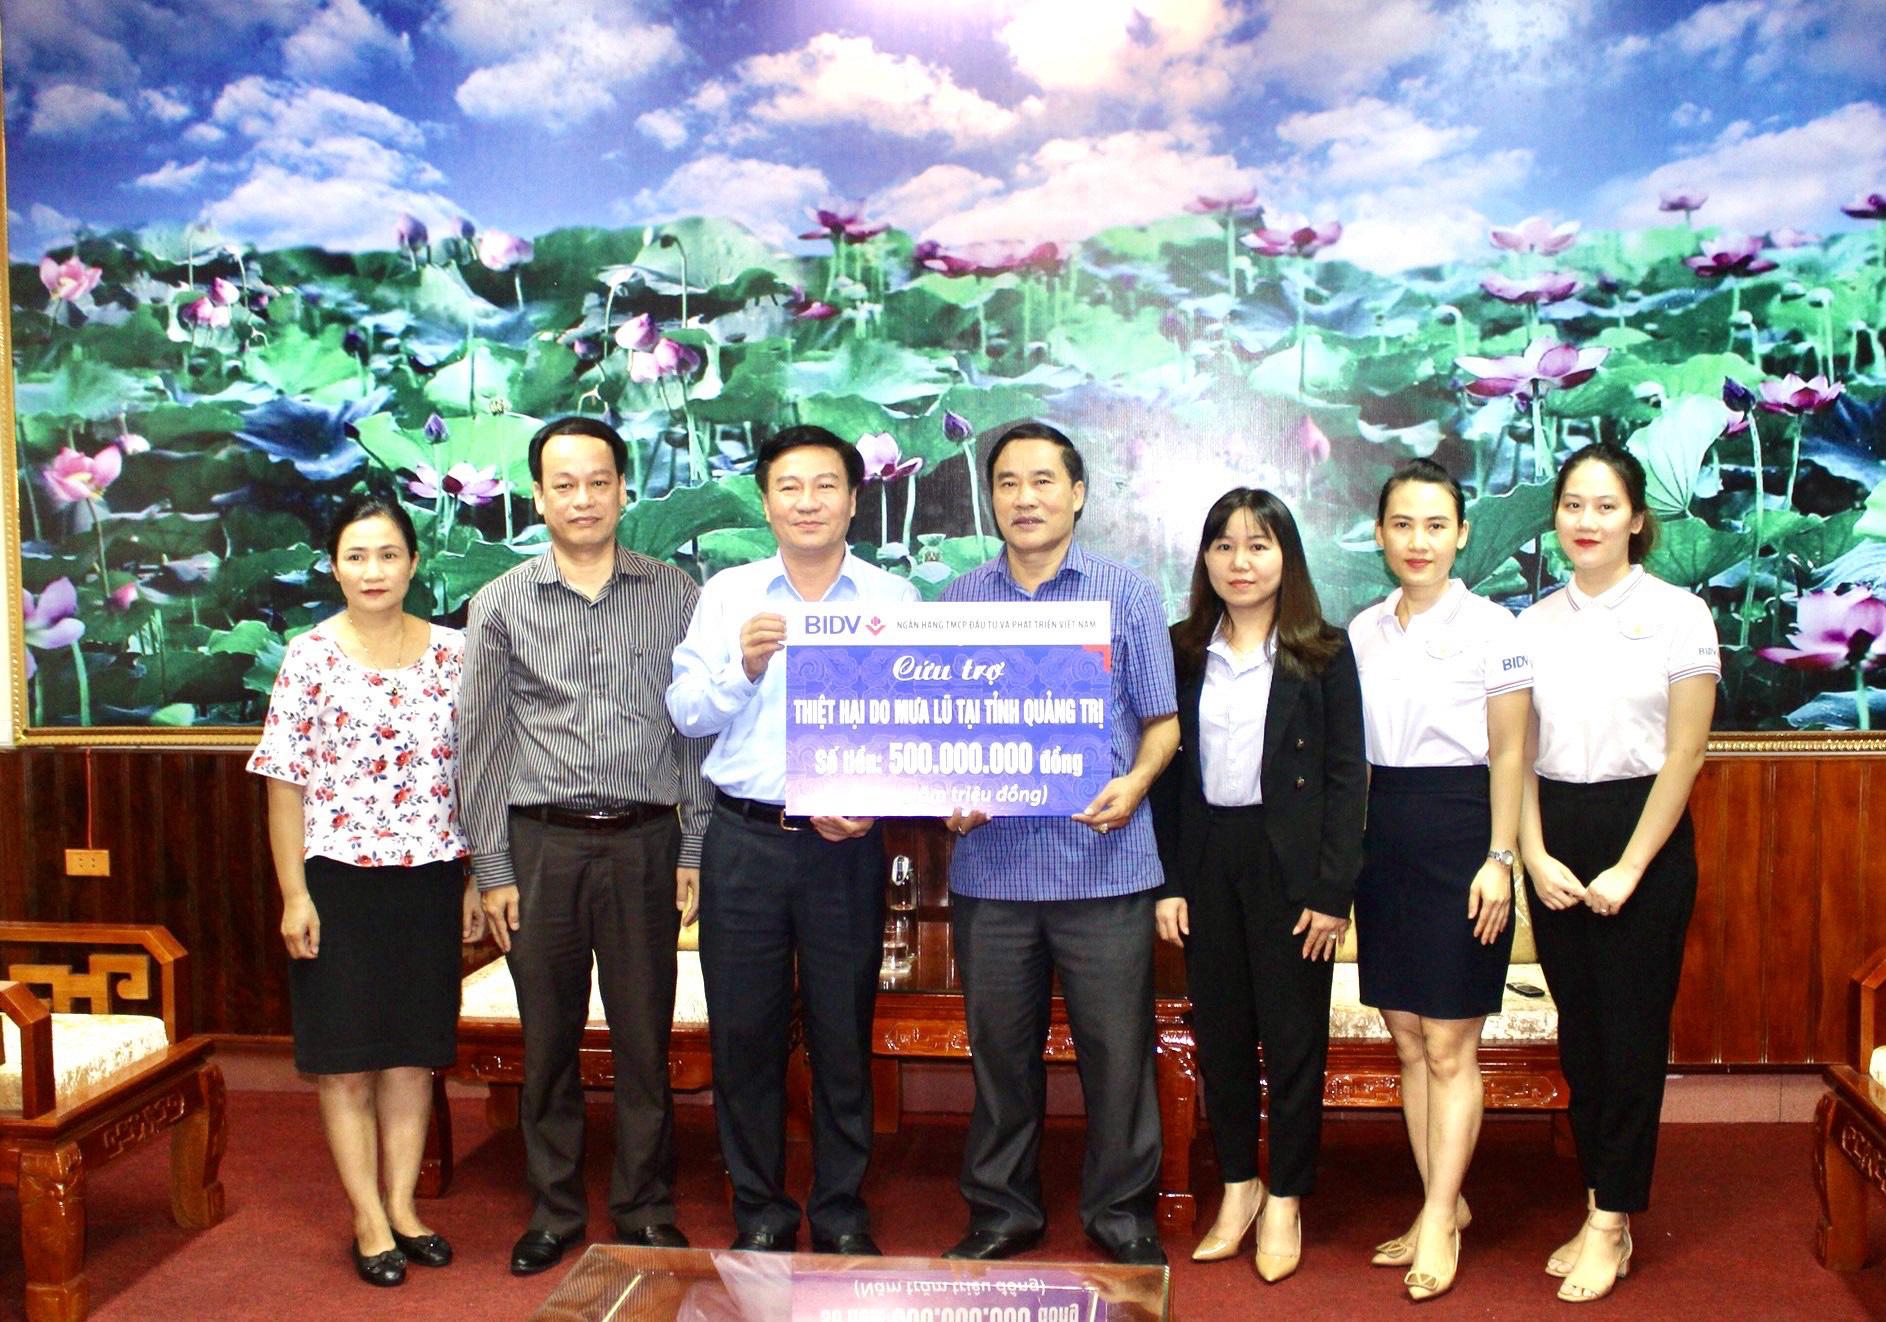 BIDV dành 1 tỷ đồng hỗ trợ đồng bào bị ảnh hưởng bởi lũ lụt tại Quảng Bình, Quảng Trị - Ảnh 1.